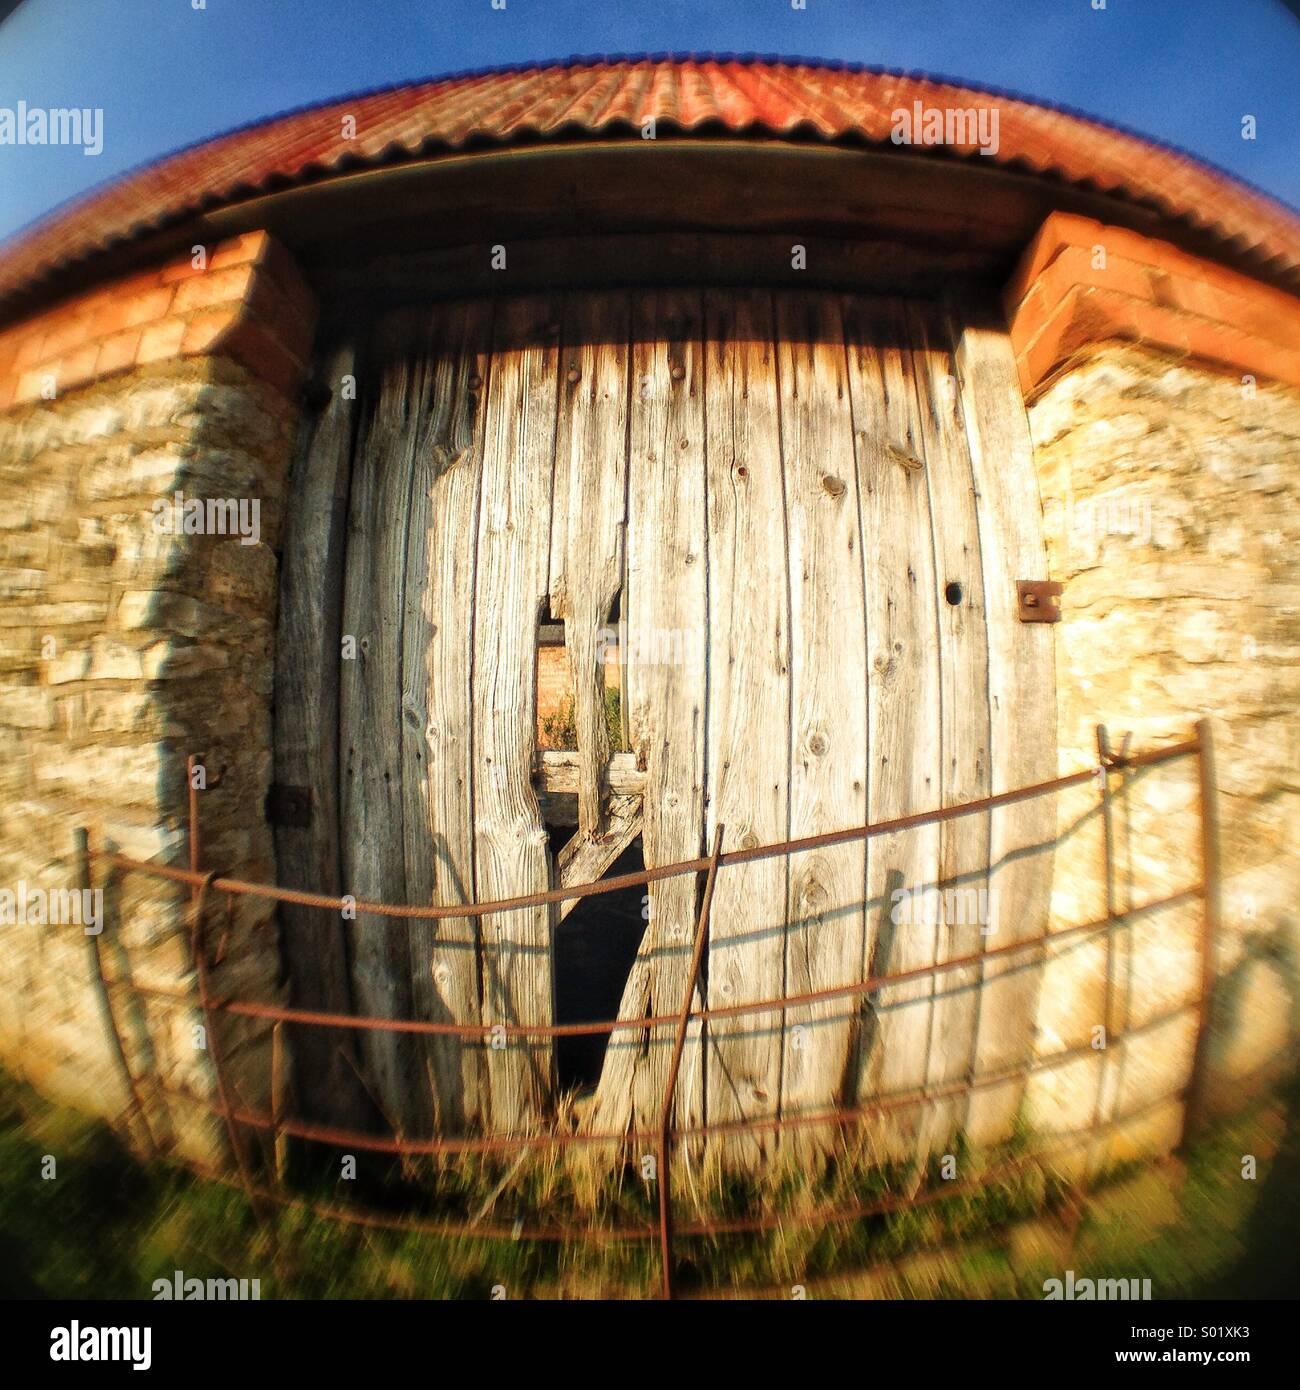 Puerta de madera vieja en el granero Imagen De Stock